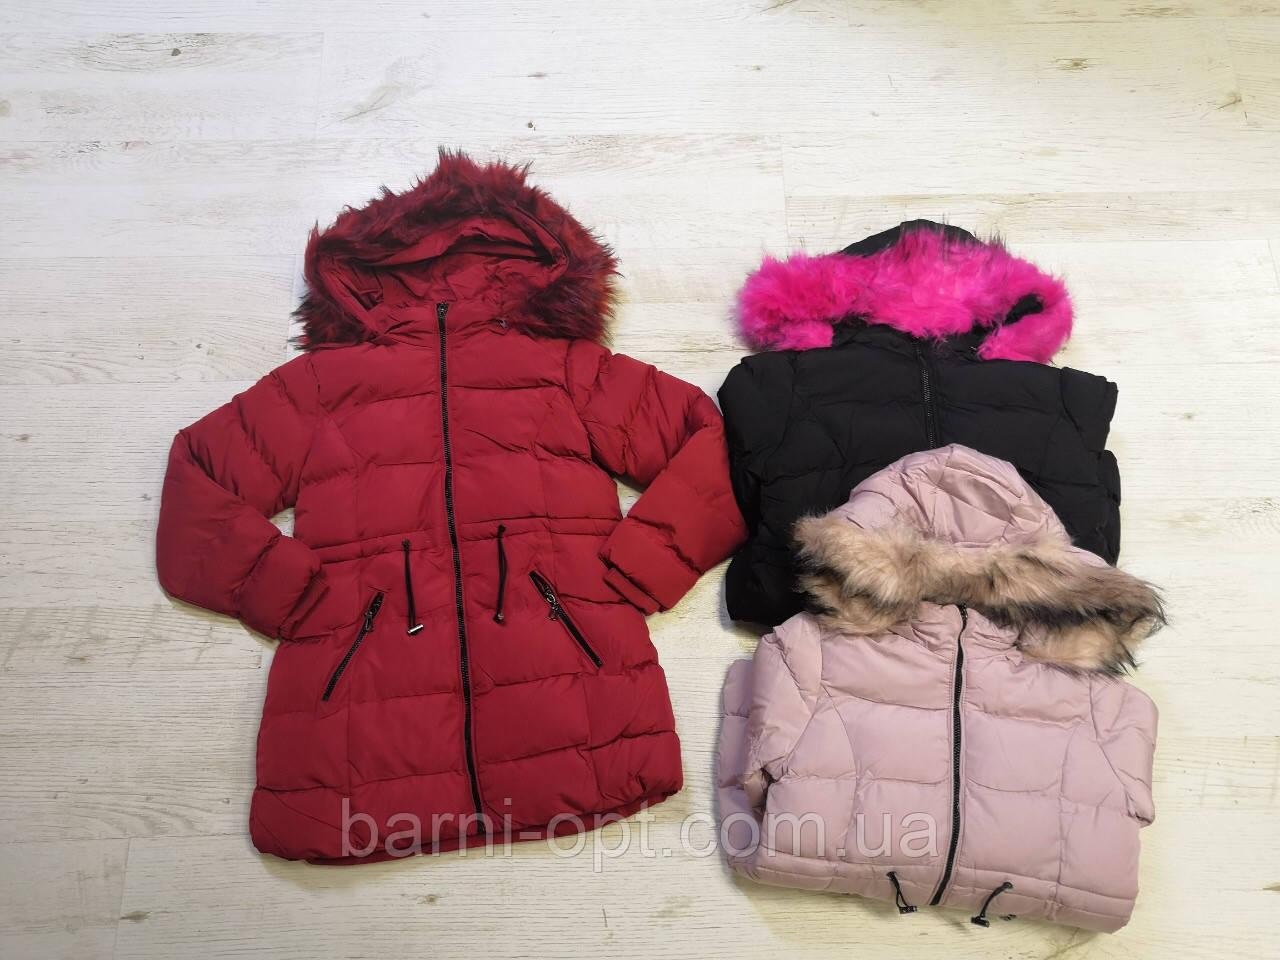 Куртки зимние на девочек оптом, Seagull, 8-16 рр